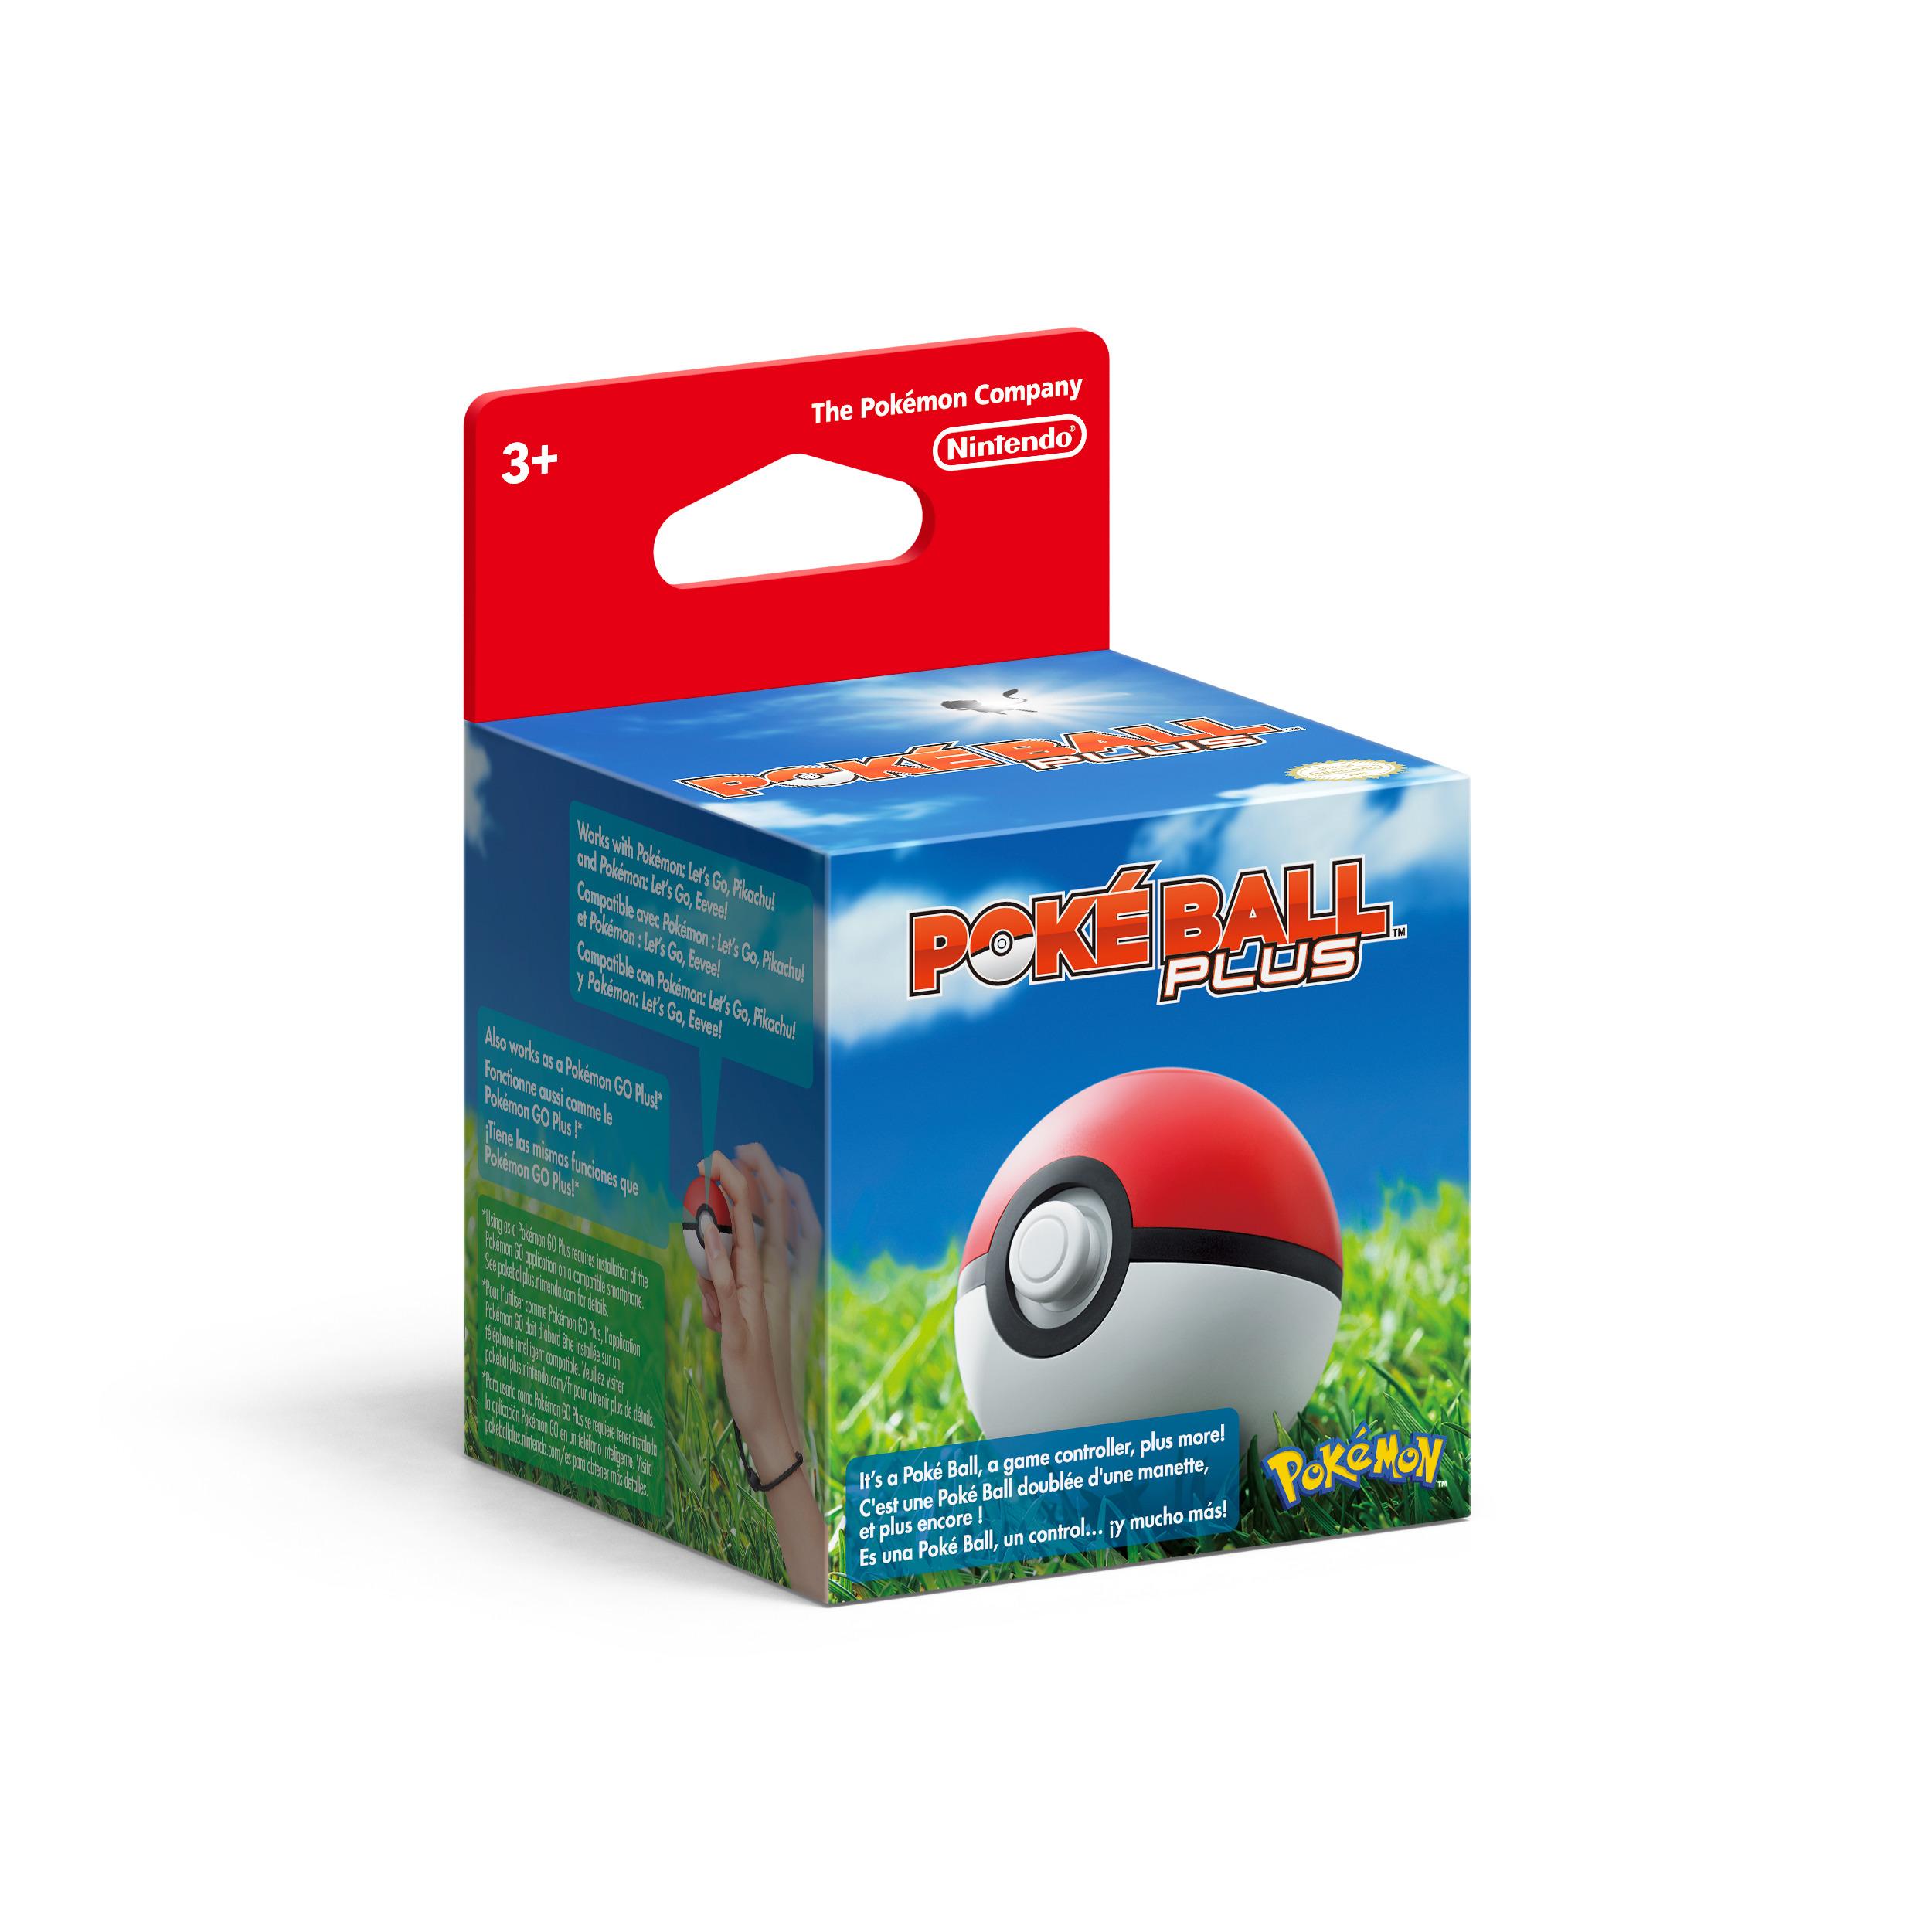 Pokéball Plus.Switch.2513066 - Switch - Bøger -  - 0045496430832 - 16/11-2018